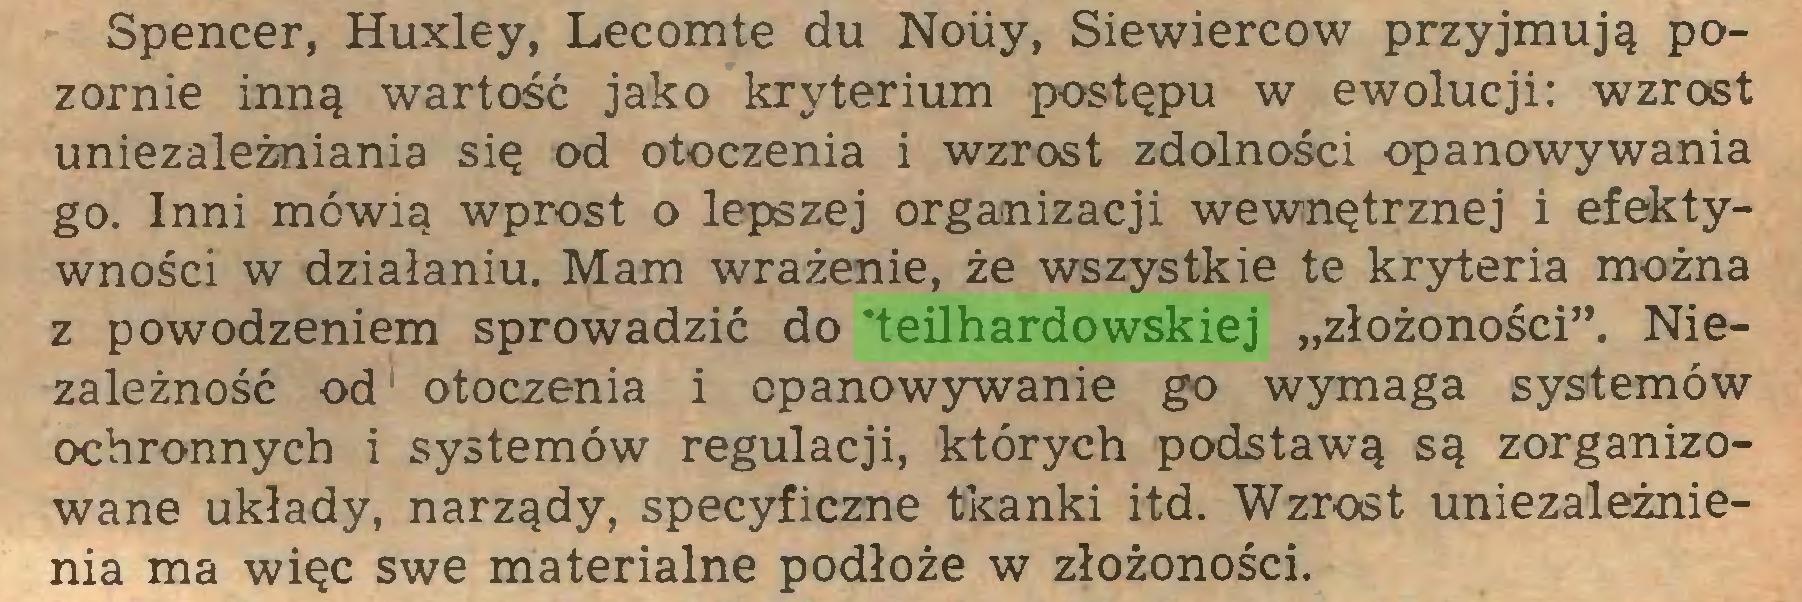 """(...) Spencer, Huxley, Lecomte du Noiiy, Siewiercow przyjmują pozornie inną wartość jako kryterium postępu w ewolucji: wzrost uniezależniania się od otoczenia i wzrost zdolności opanowywania go. Inni mówią wprost o lepszej organizacji wewnętrznej i efektywności w działaniu. Mam wrażenie, że wszystkie te kryteria można z powodzeniem sprowadzić do 'teilhardowskiej """"złożoności"""". Niezależność od otoczenia i opanowywanie go wymaga systemów ochronnych i systemów regulacji, których podstawą są zorganizowane układy, narządy, specyficzne tkanki itd. Wzrost uniezależnienia ma więc swe materialne podłoże w złożoności..."""